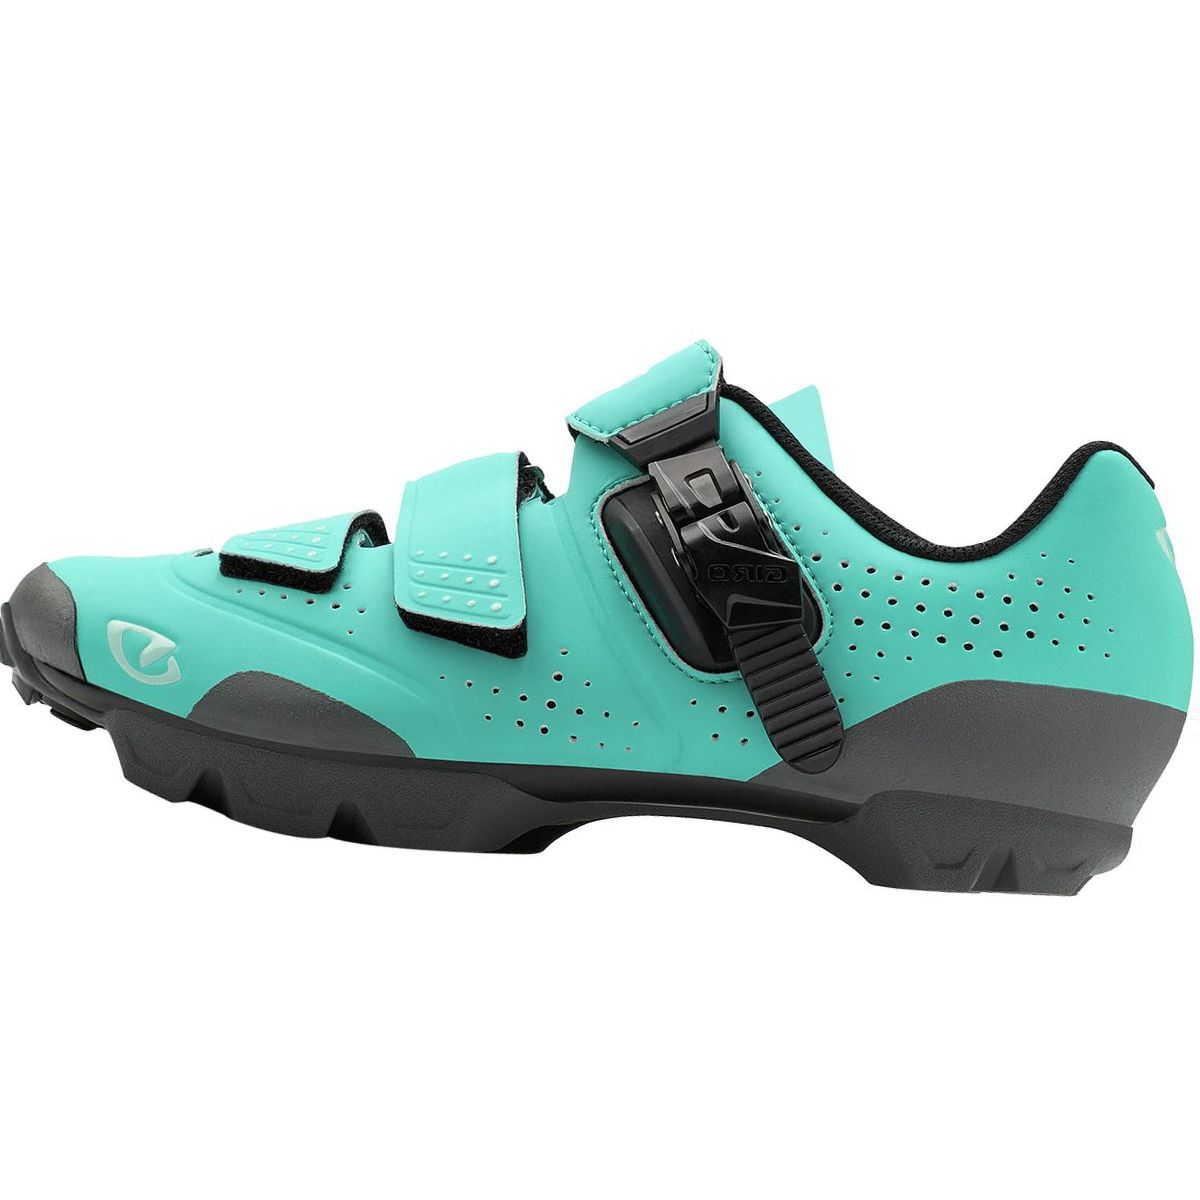 Giro Manta R Cycling Shoe - Women's